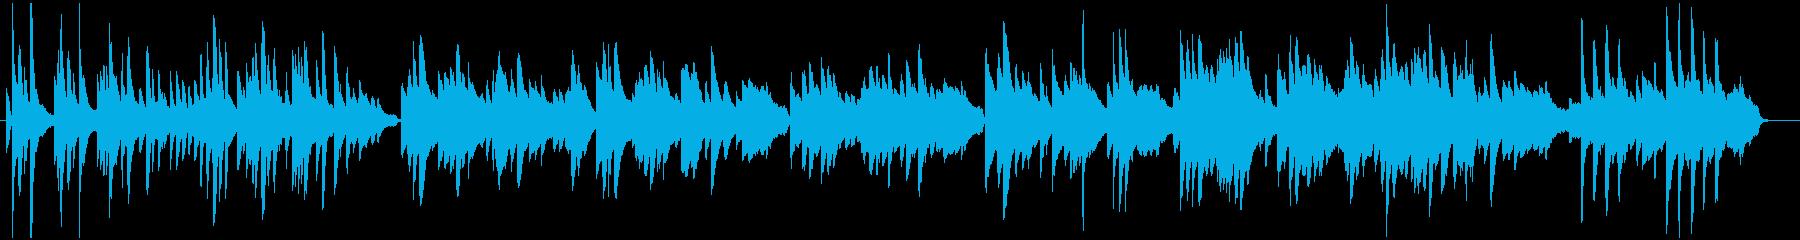 桜の散る頃をイメージしたピアノ曲の再生済みの波形